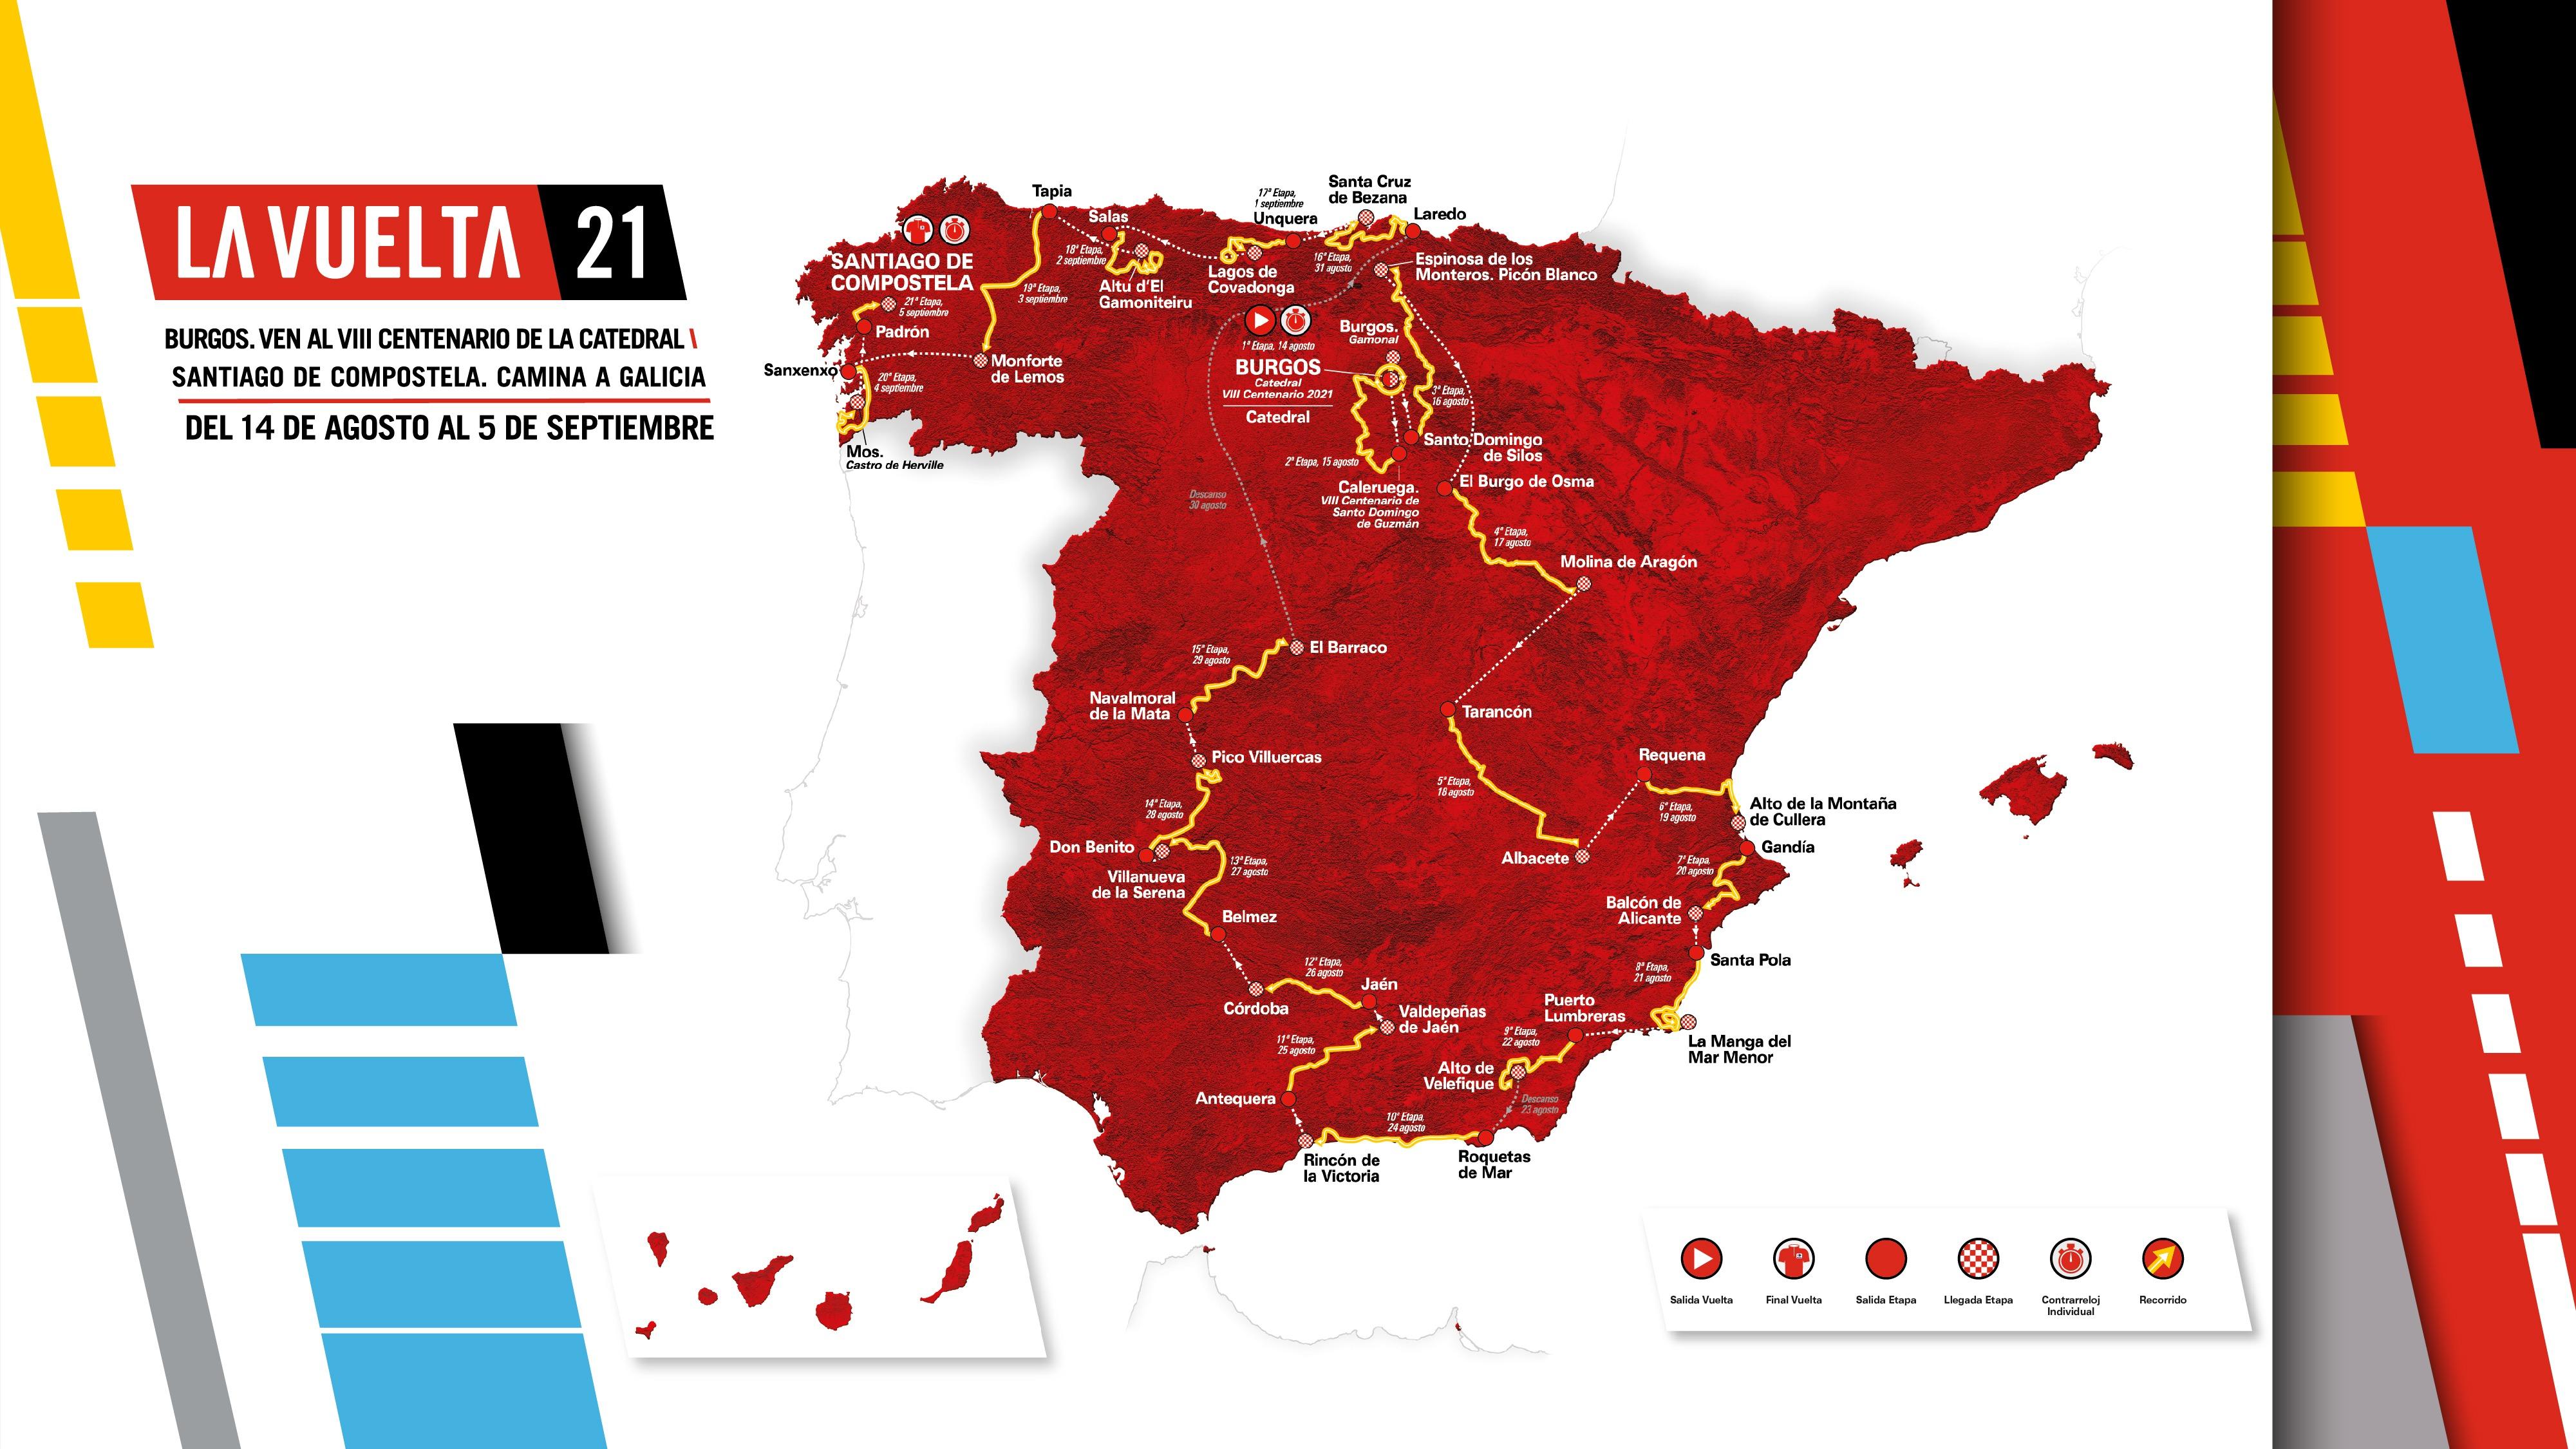 Vuelta a Espana 2021 route